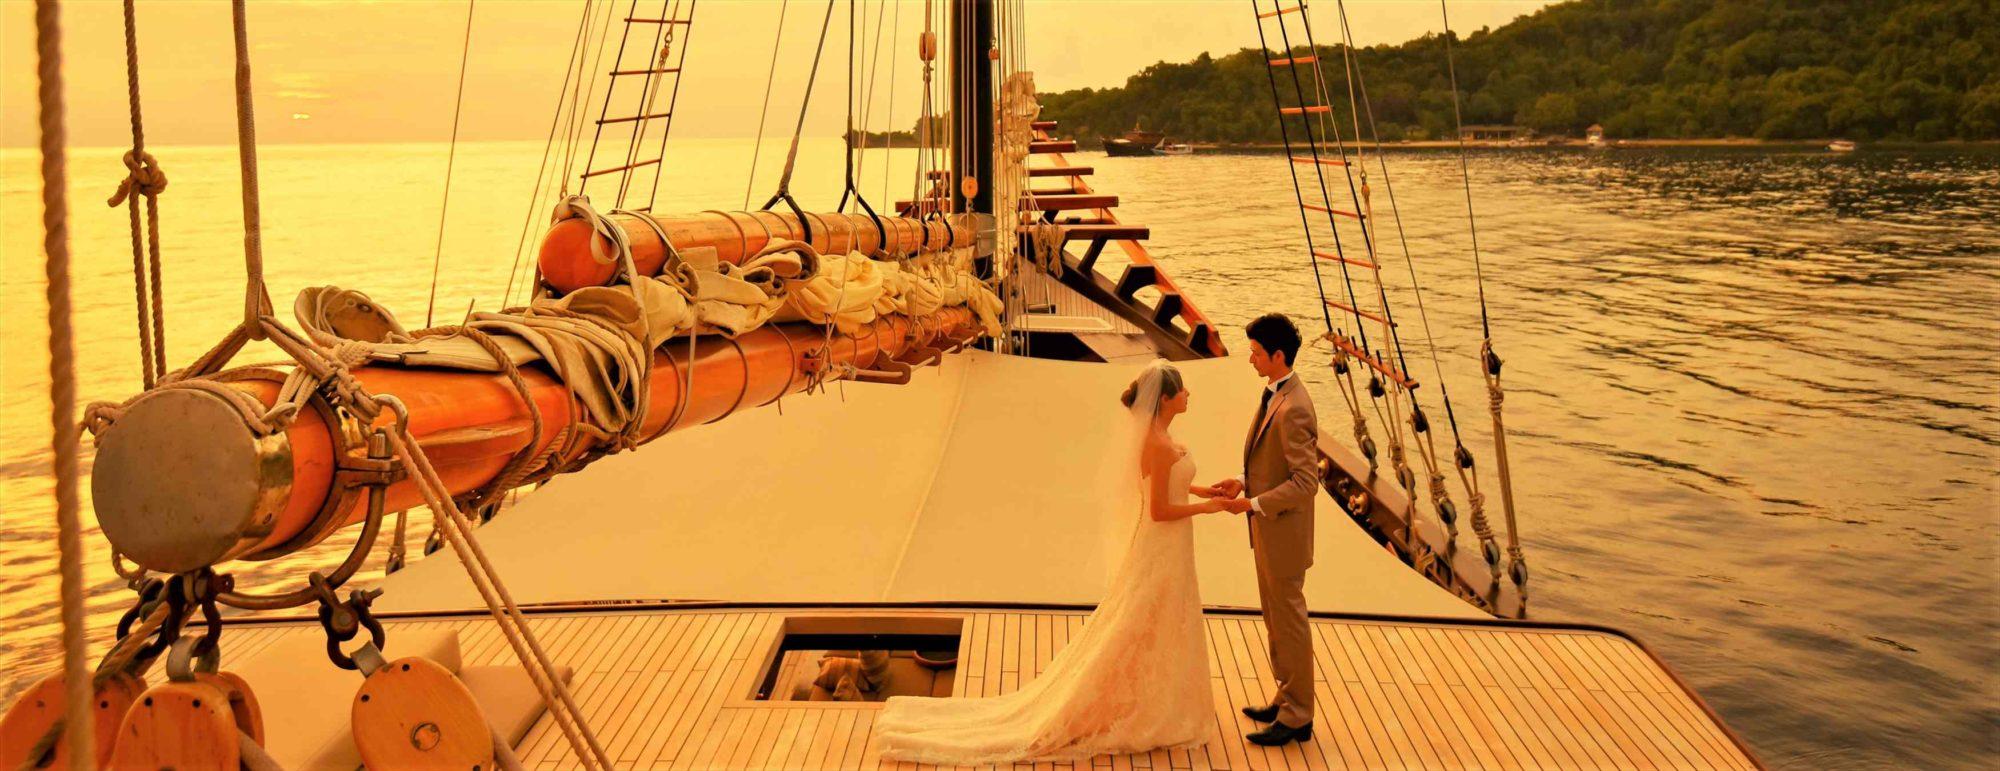 バリ島船上ウェディング アマンディラ&アマンワナ挙式 Amandira & Amanwana Wedding